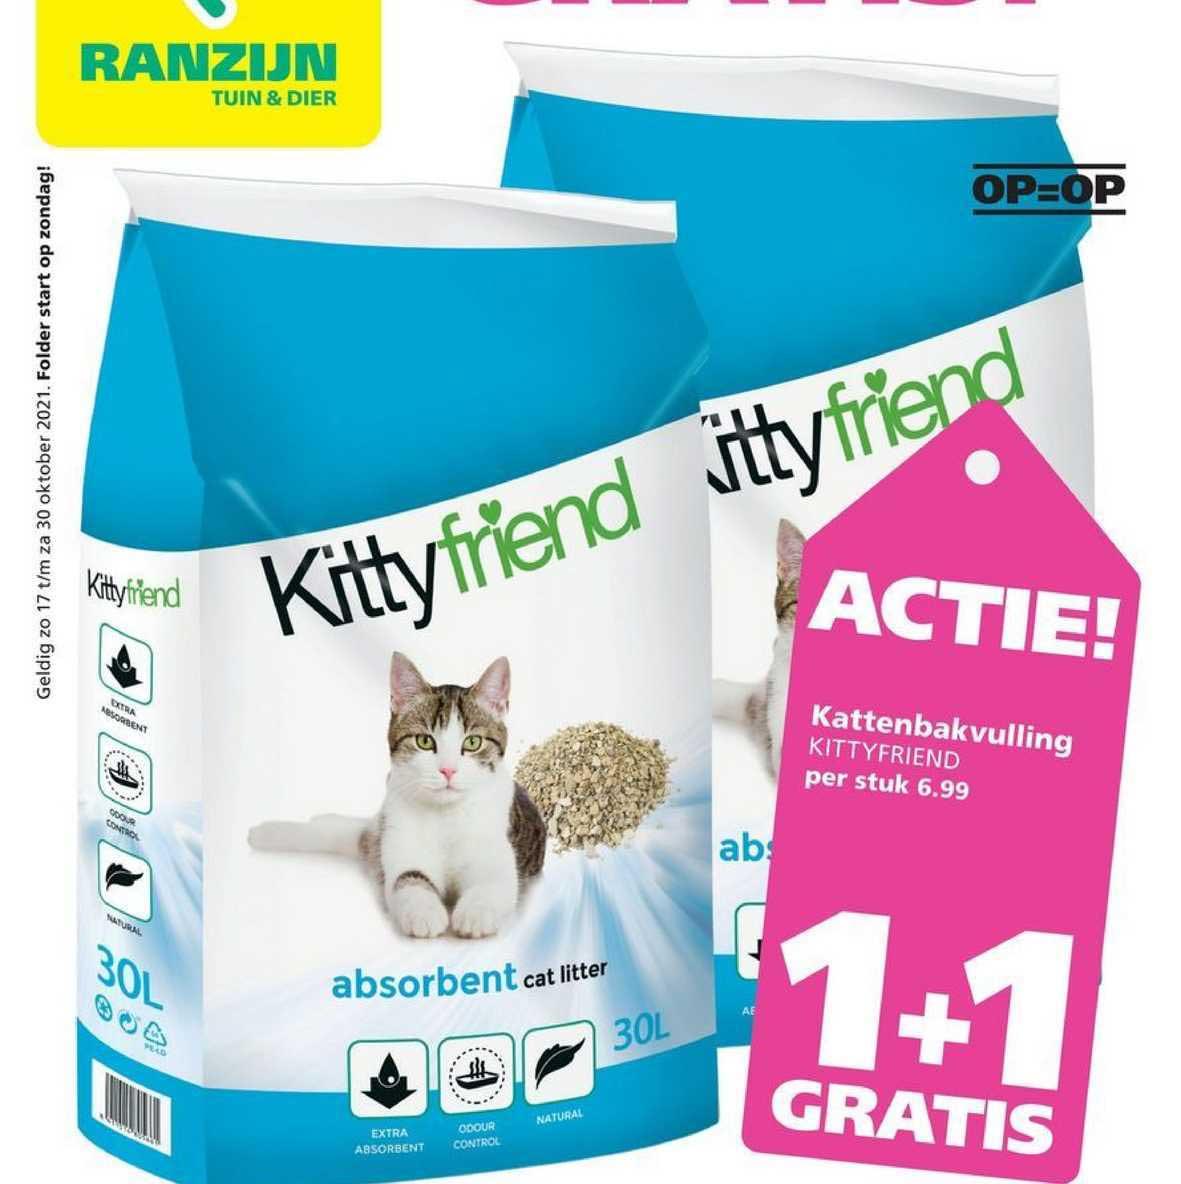 Ranzijn Tuin & Dier Kattenbakvulling Kittyfriend 1+1 Gratis